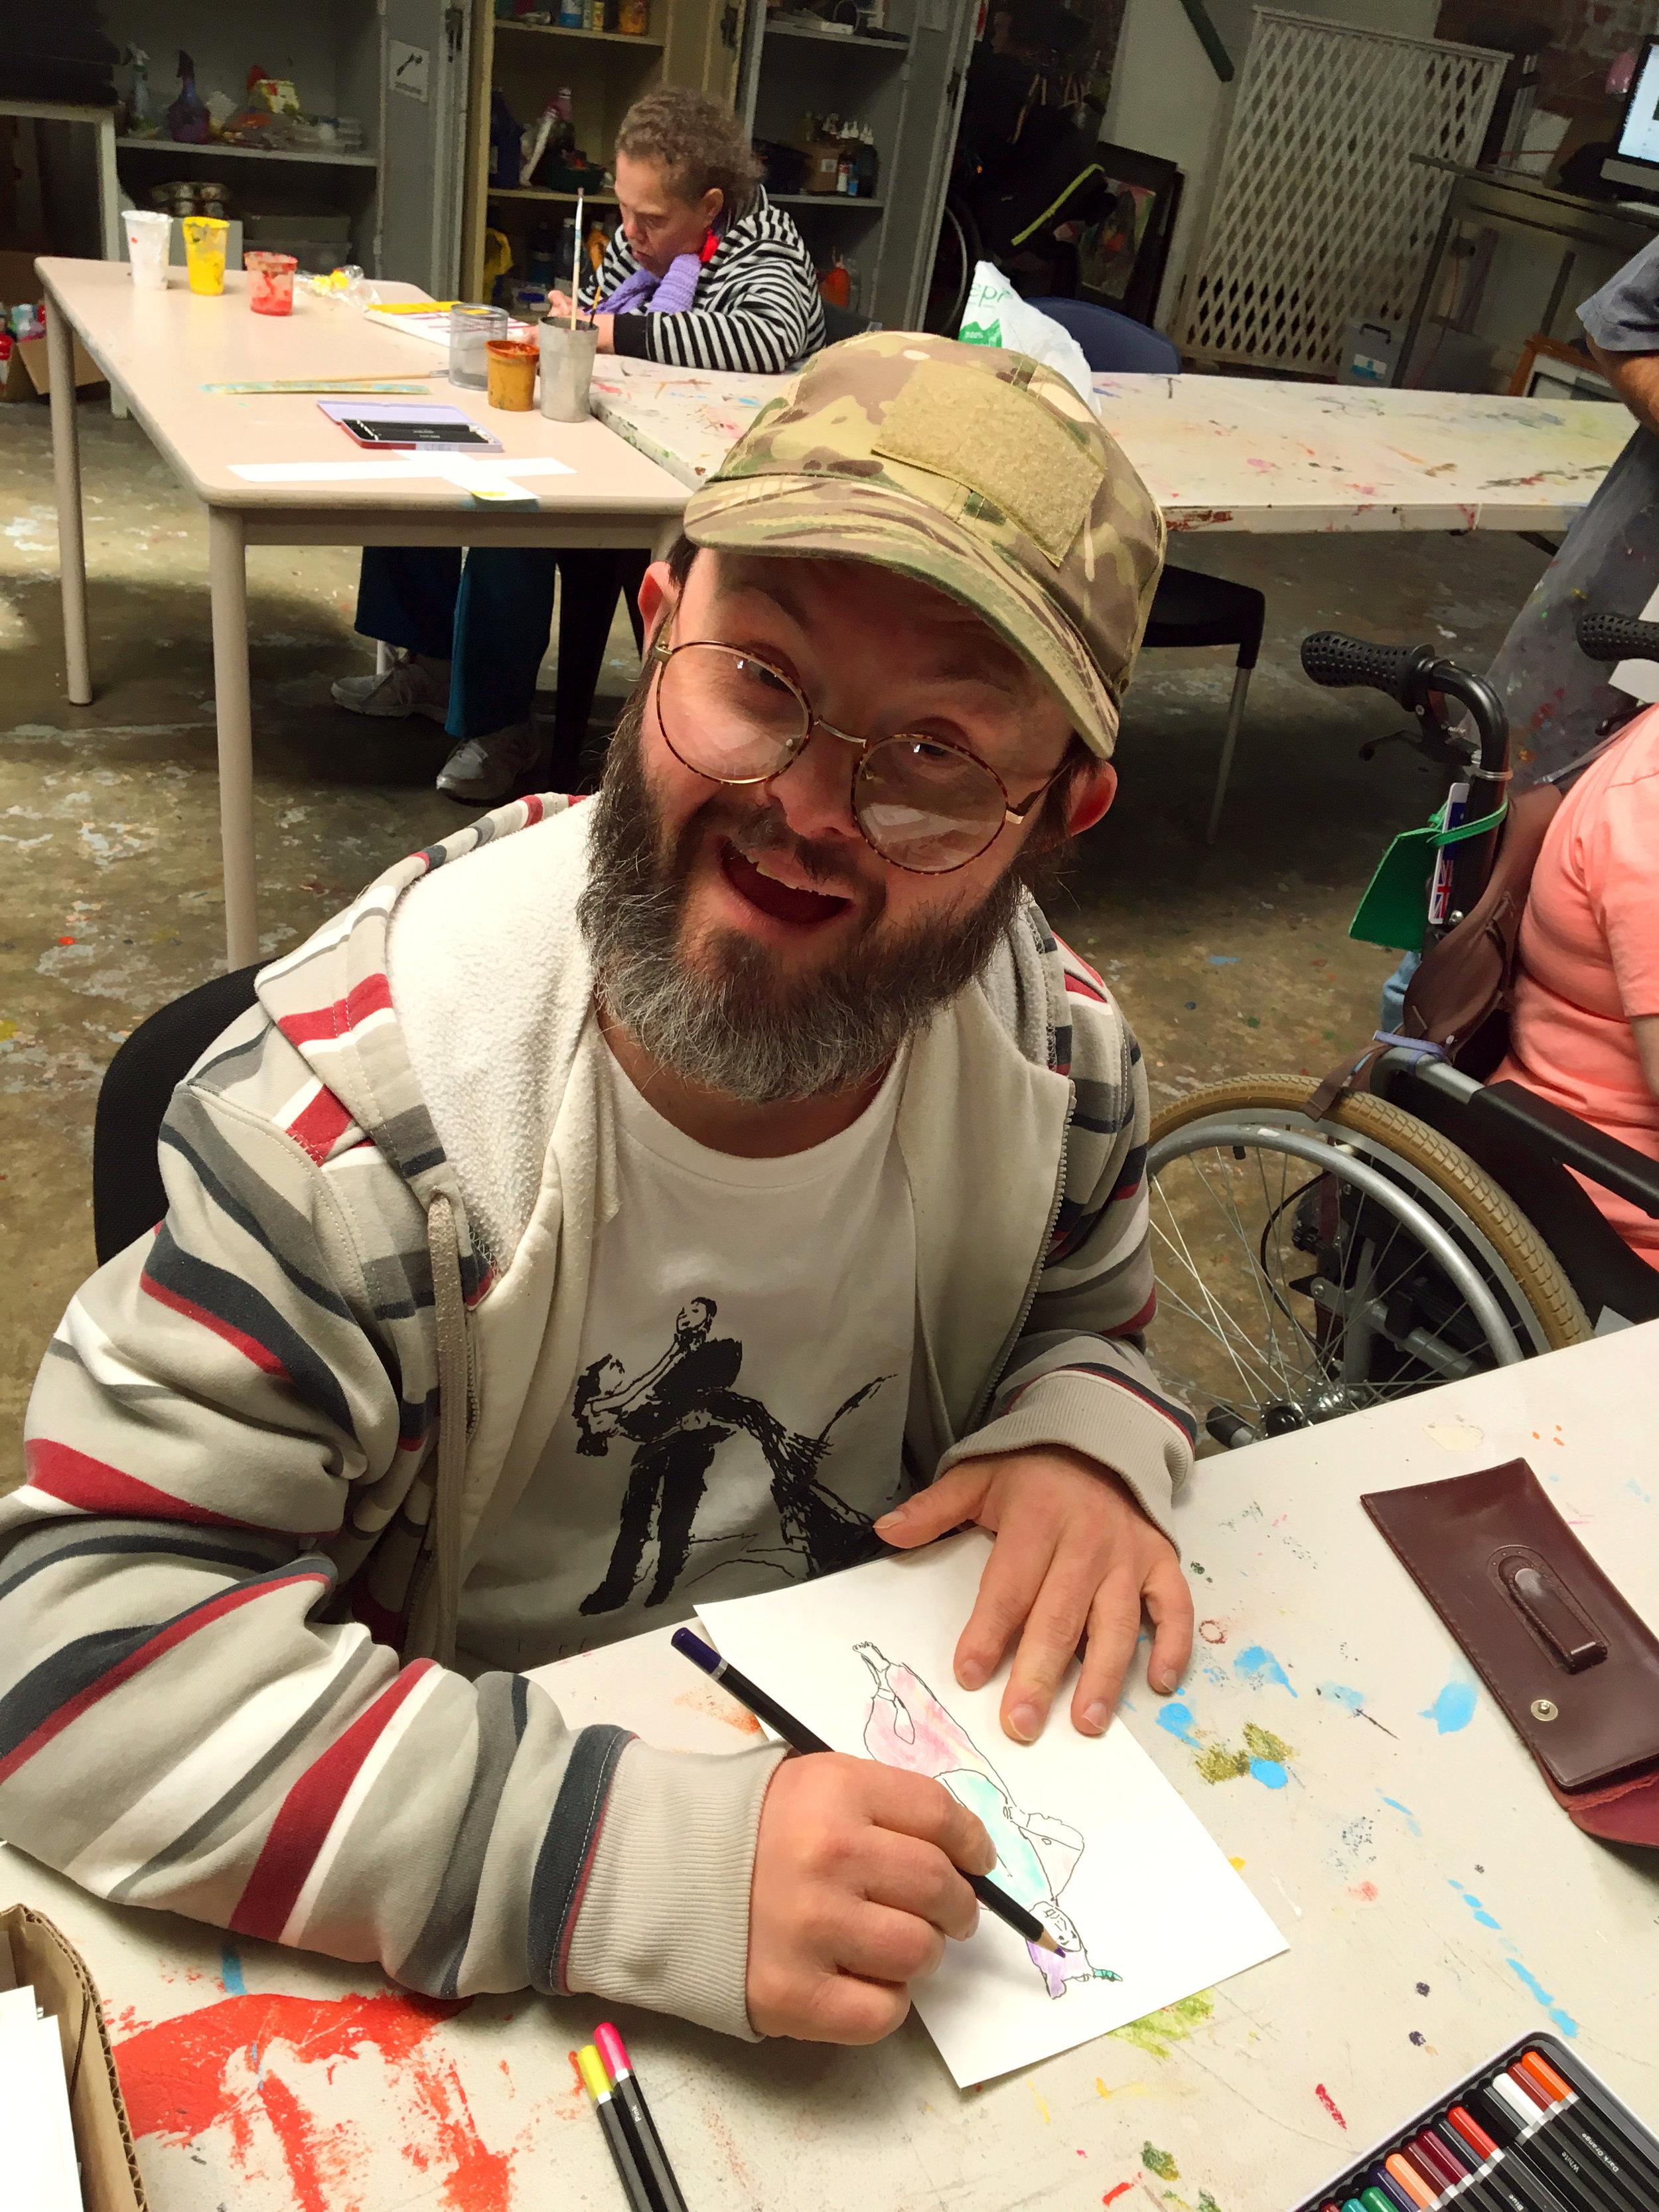 DSA Character_Nathan Sketching.JPG